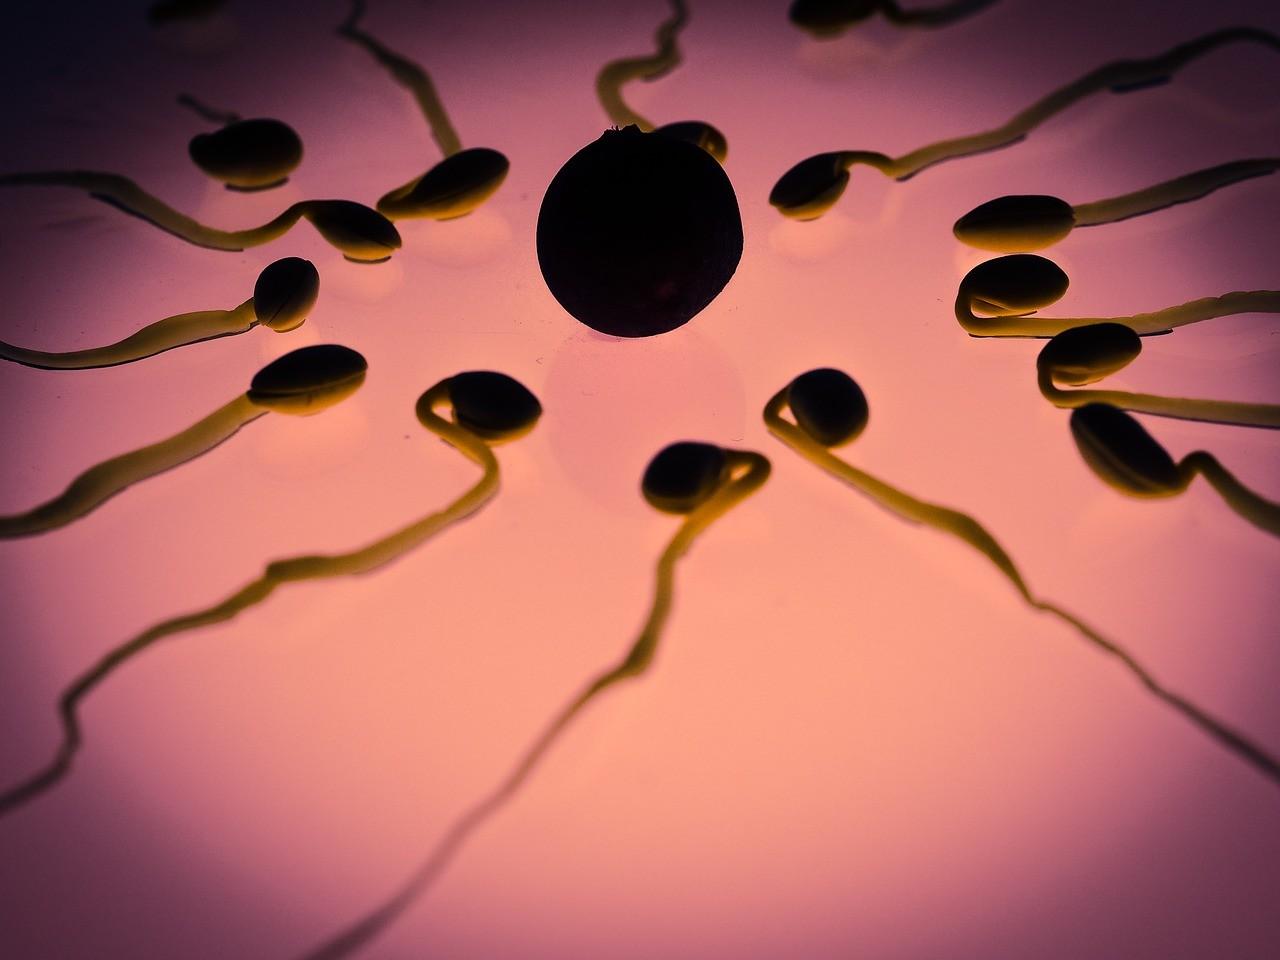 Fertilidade pode estar associada ao tamanho do pês (Foto: Pixabay)